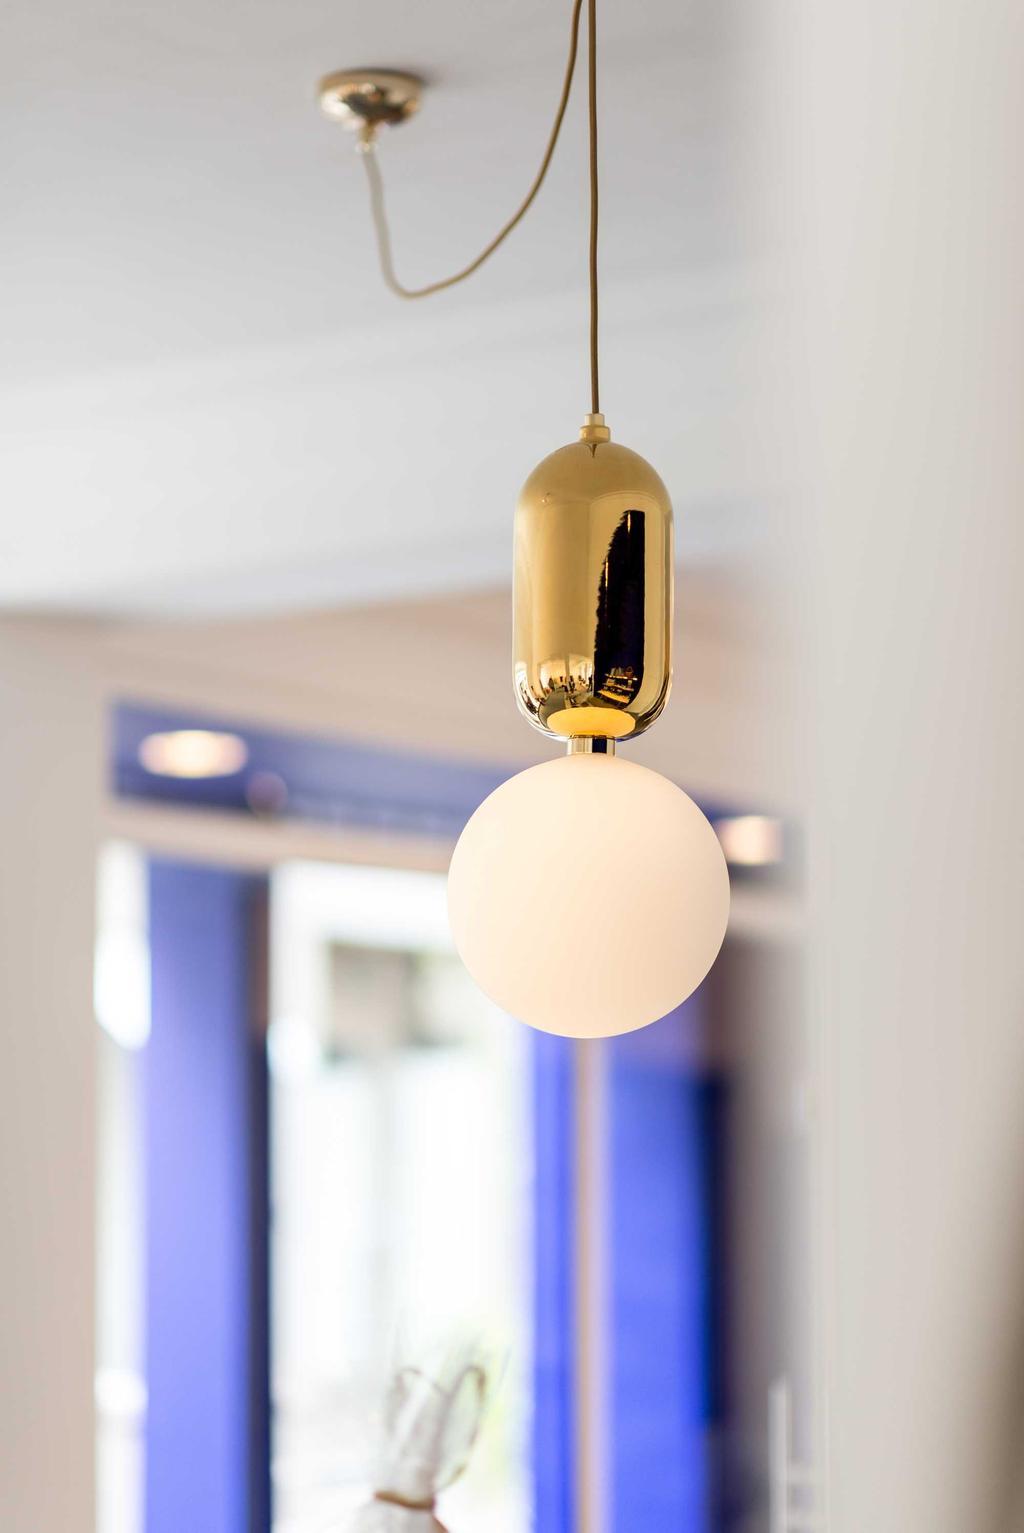 ensemble lamp